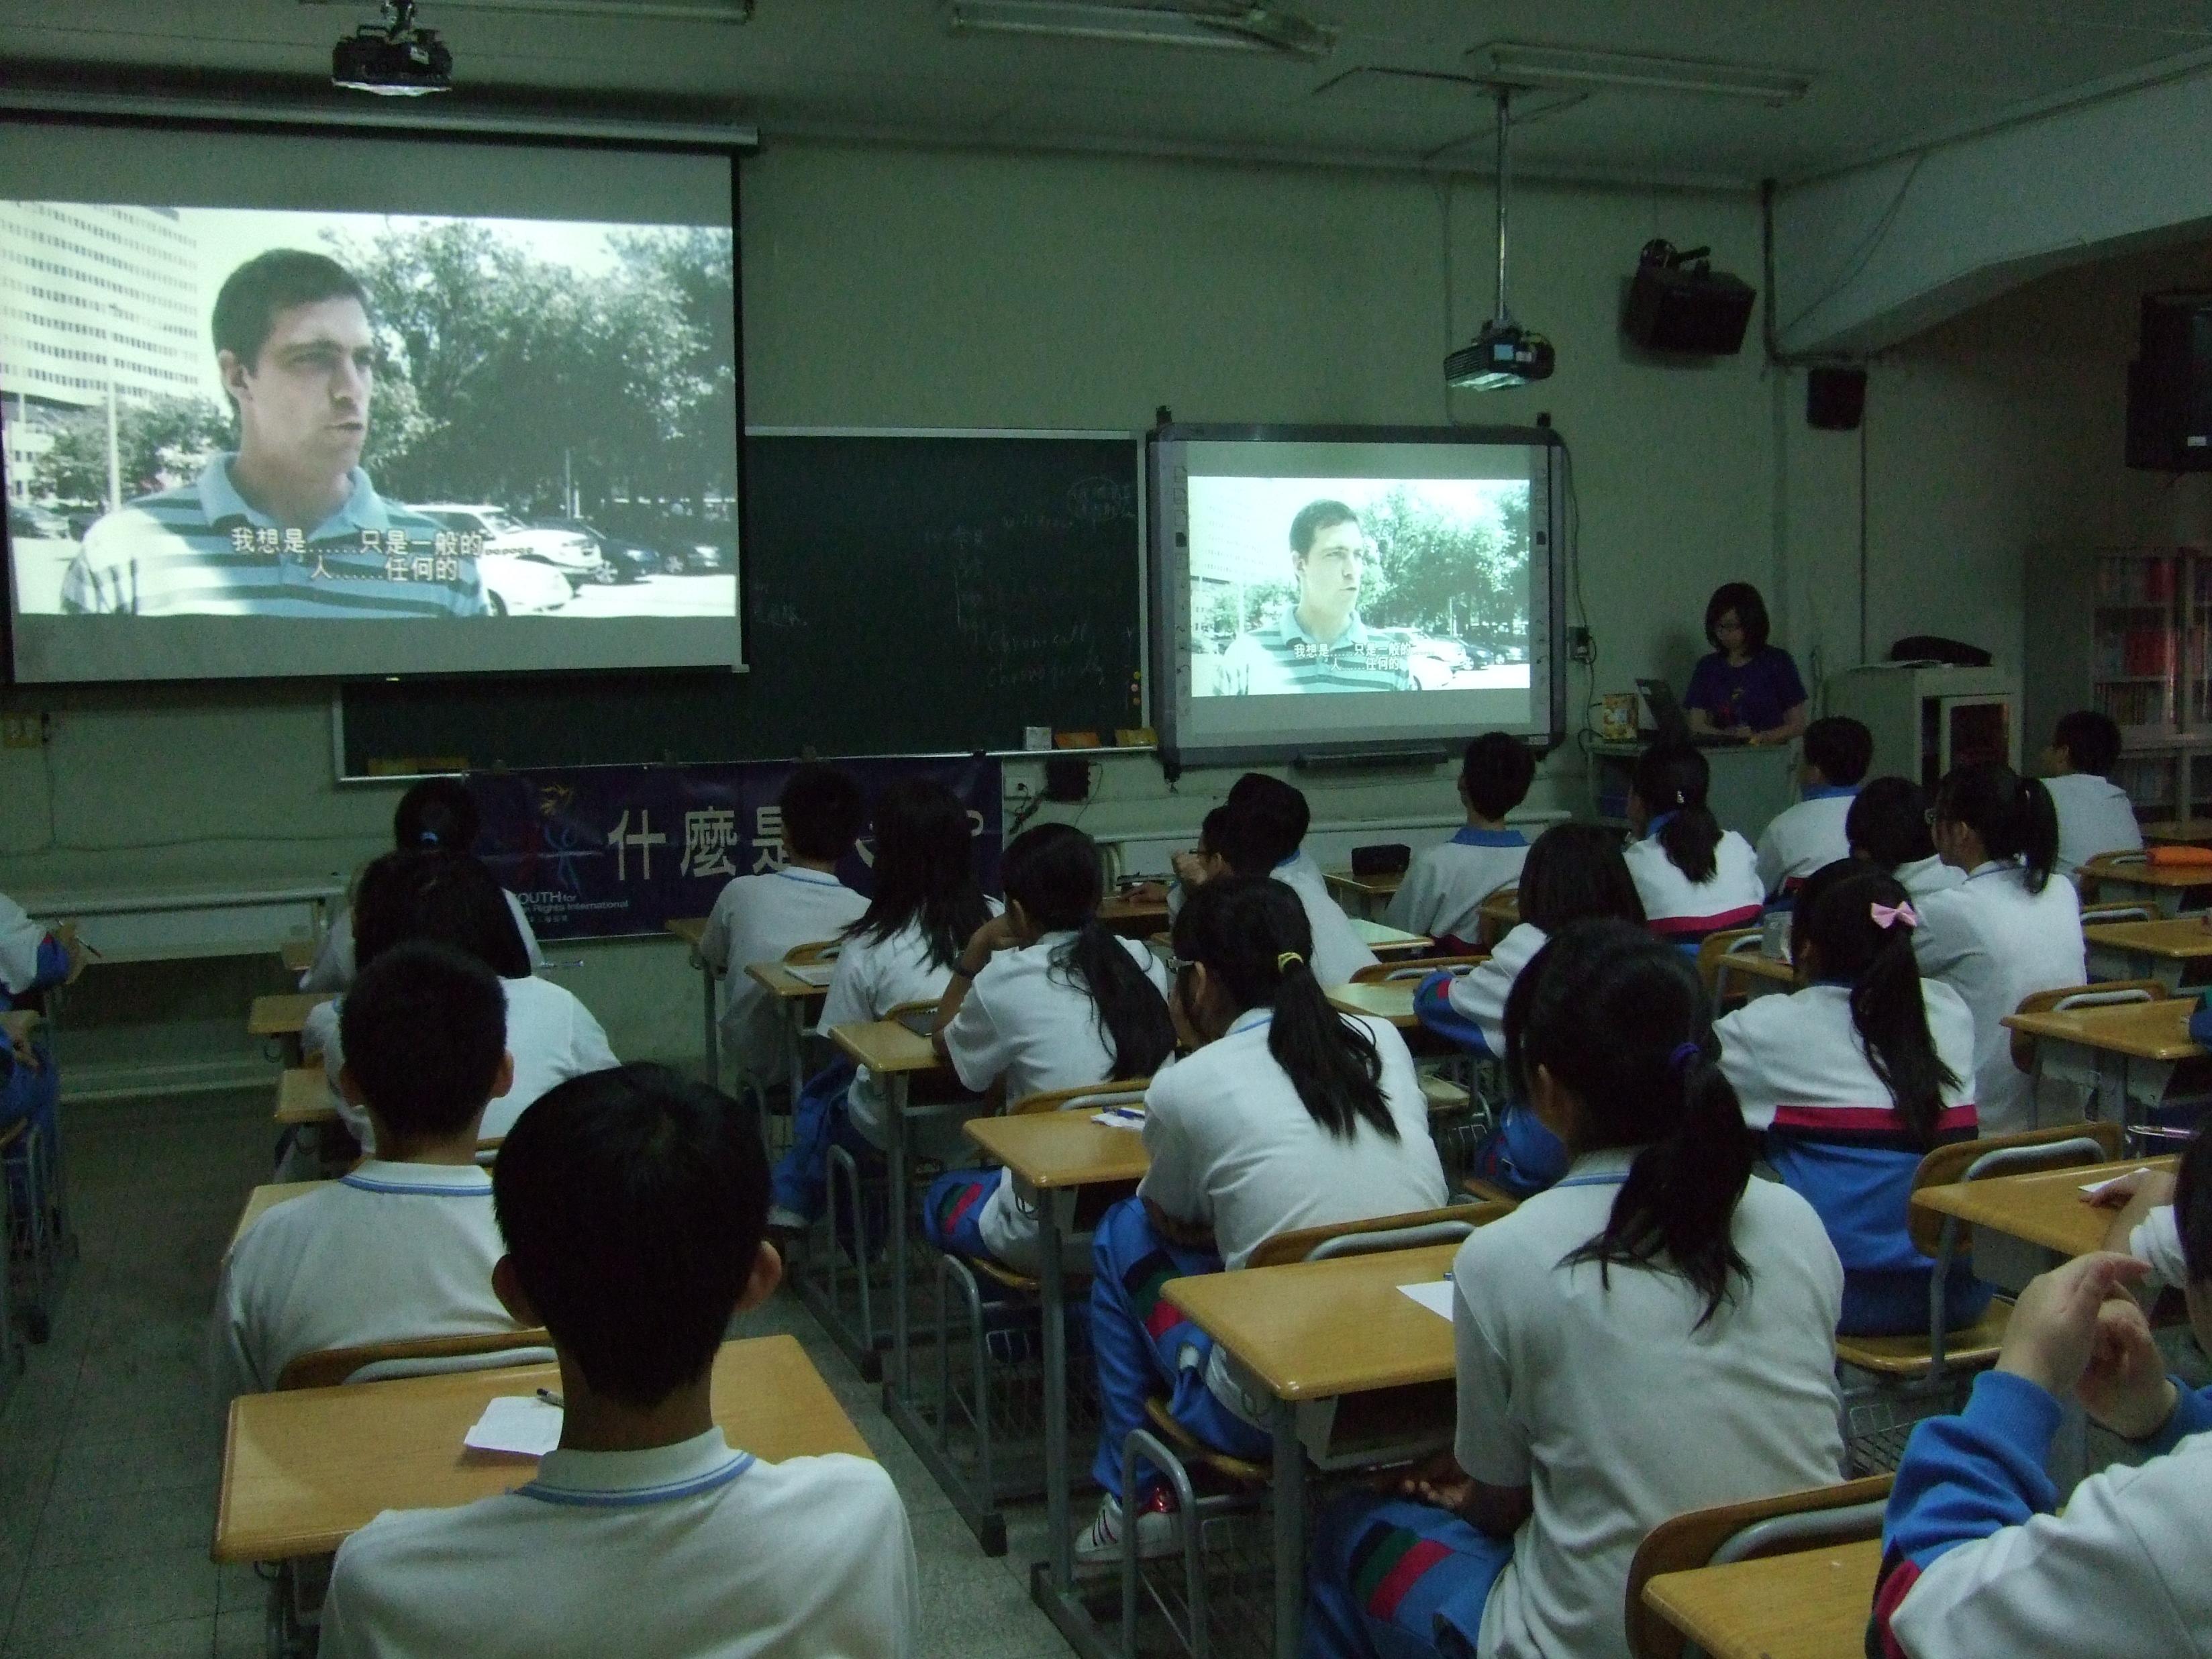 山達基「人權」影片教學 青少年快樂學習